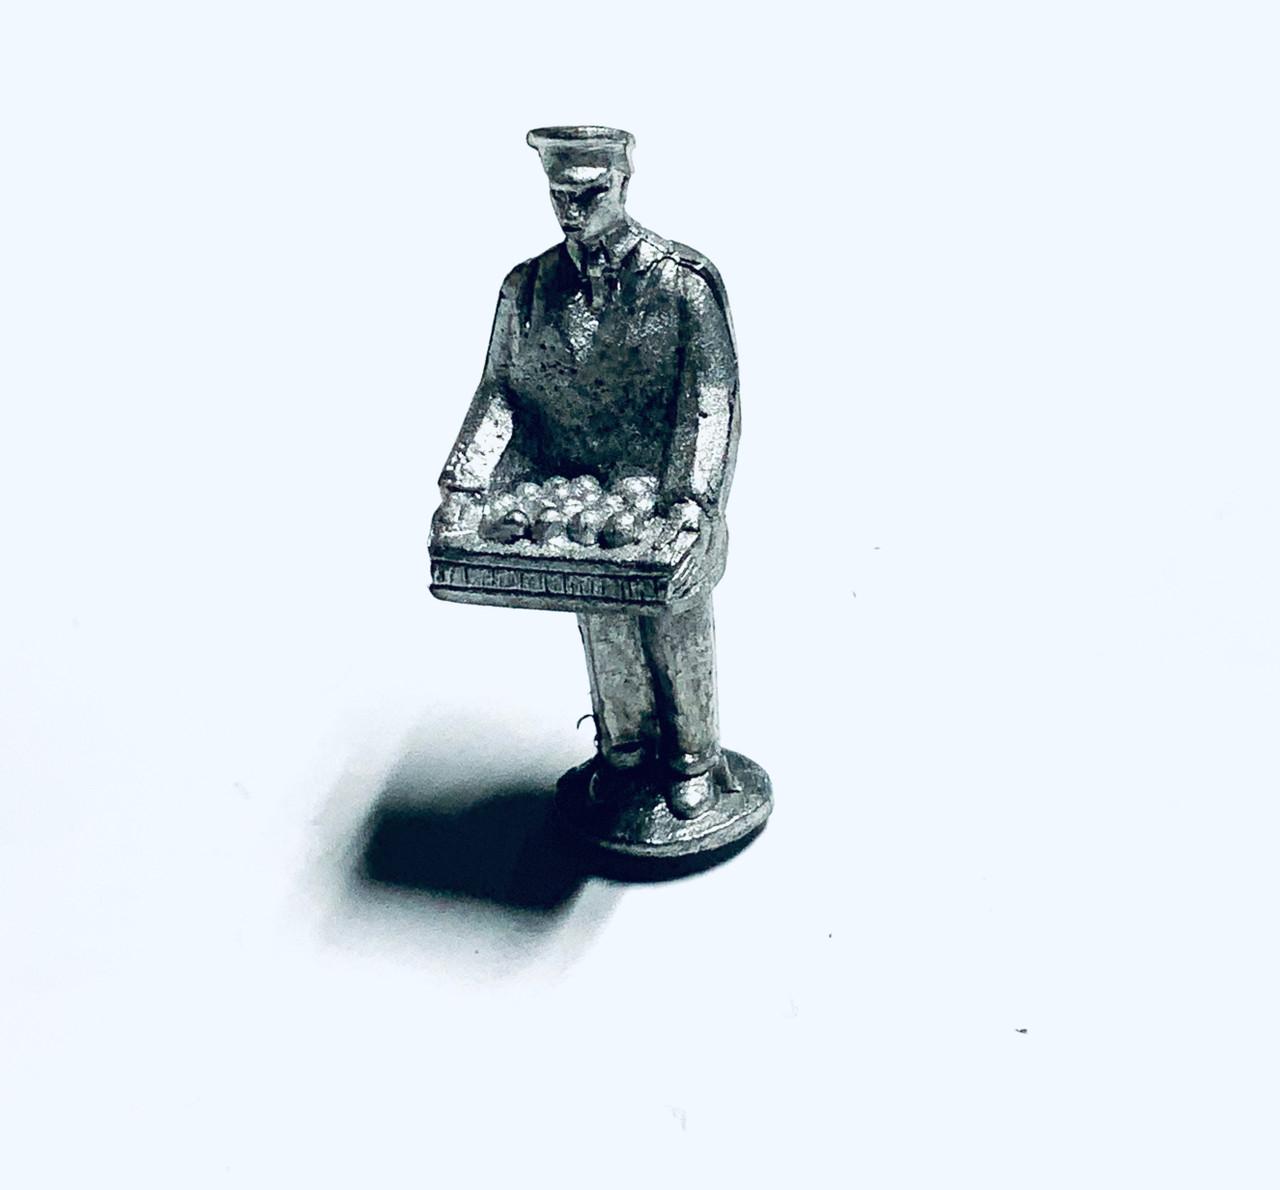 48-1252 Man with Food Tray Figure FKA Keil Line O scale